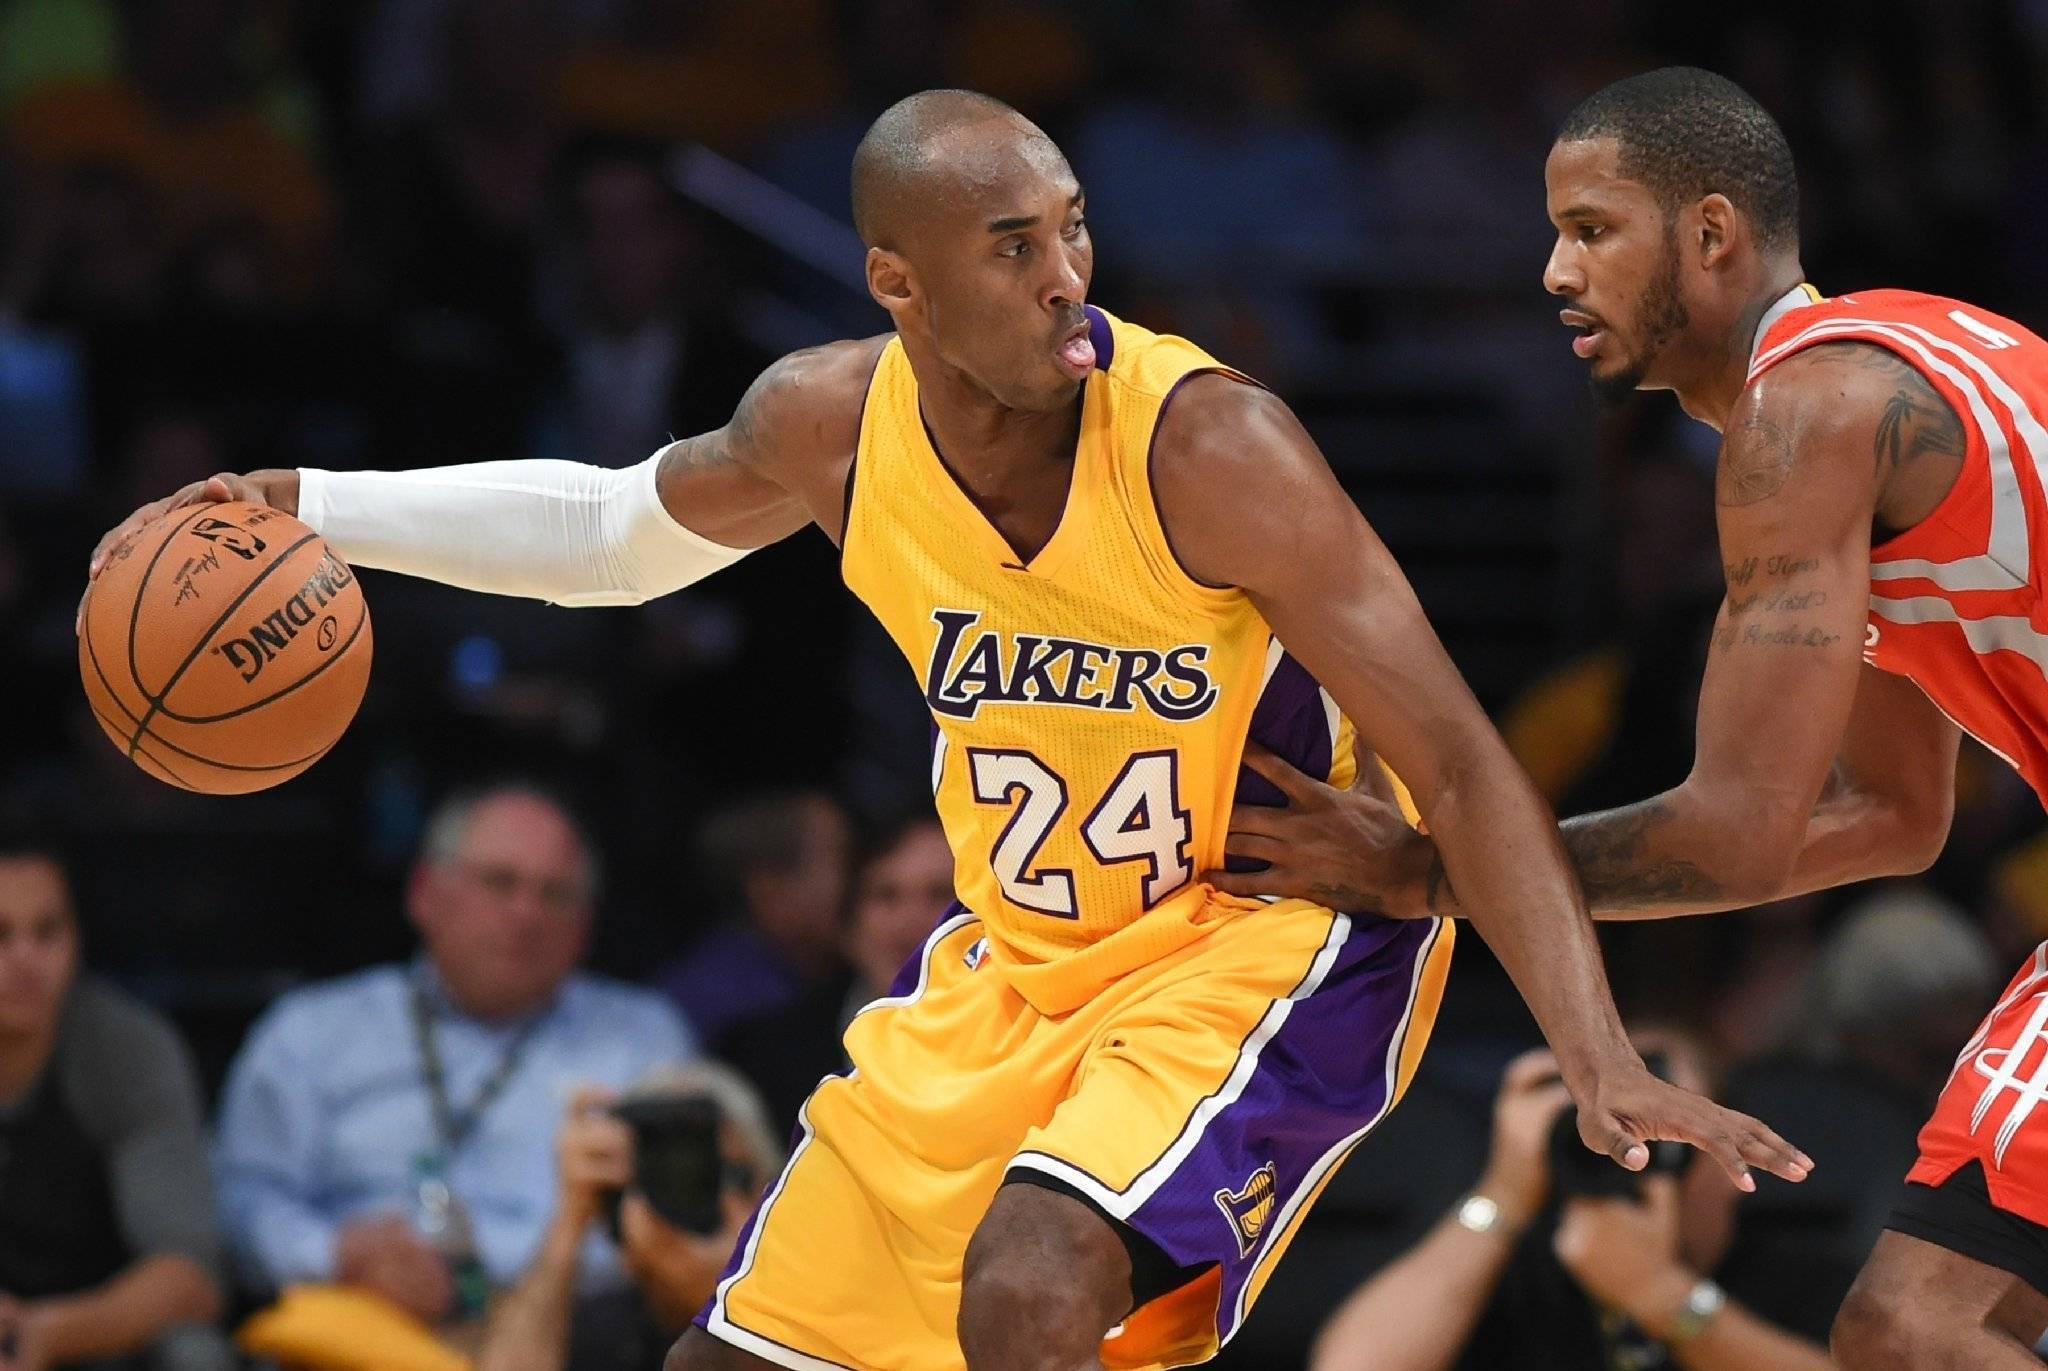 NBA最具影响力的四大球员:科比詹姆斯粉丝无数,乔丹改变篮球!